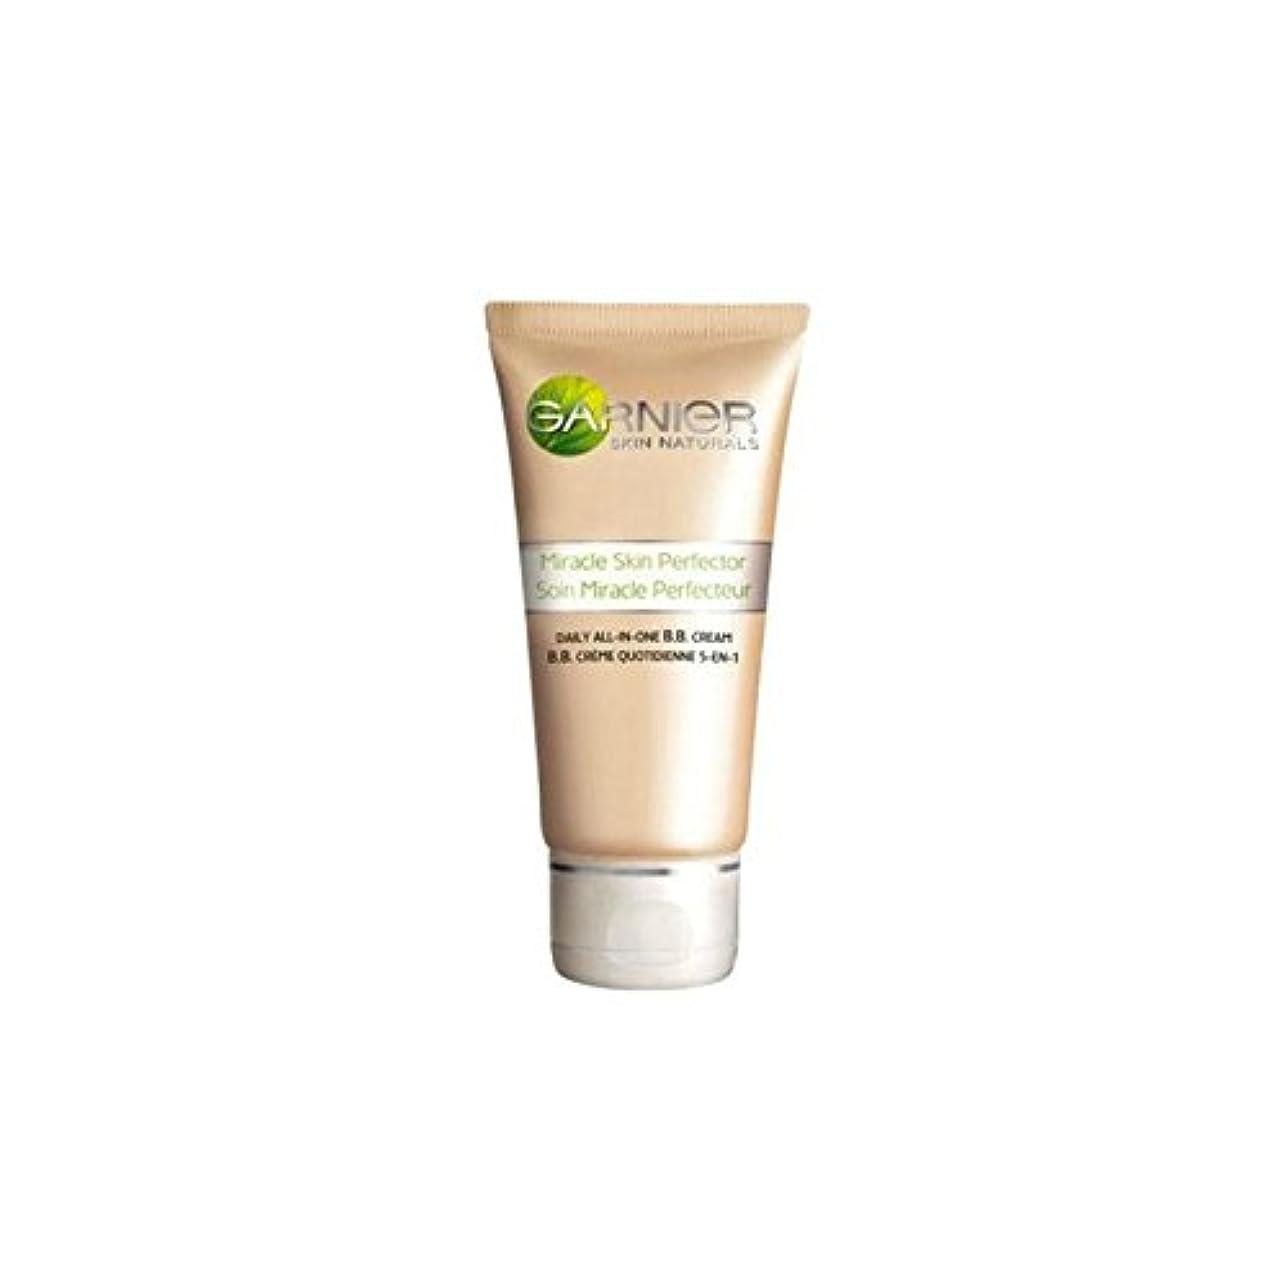 明確な復活させるコスチュームGarnier Original Medium Bb Cream (50ml) (Pack of 6) - ガルニエオリジナル媒体クリーム(50)中 x6 [並行輸入品]